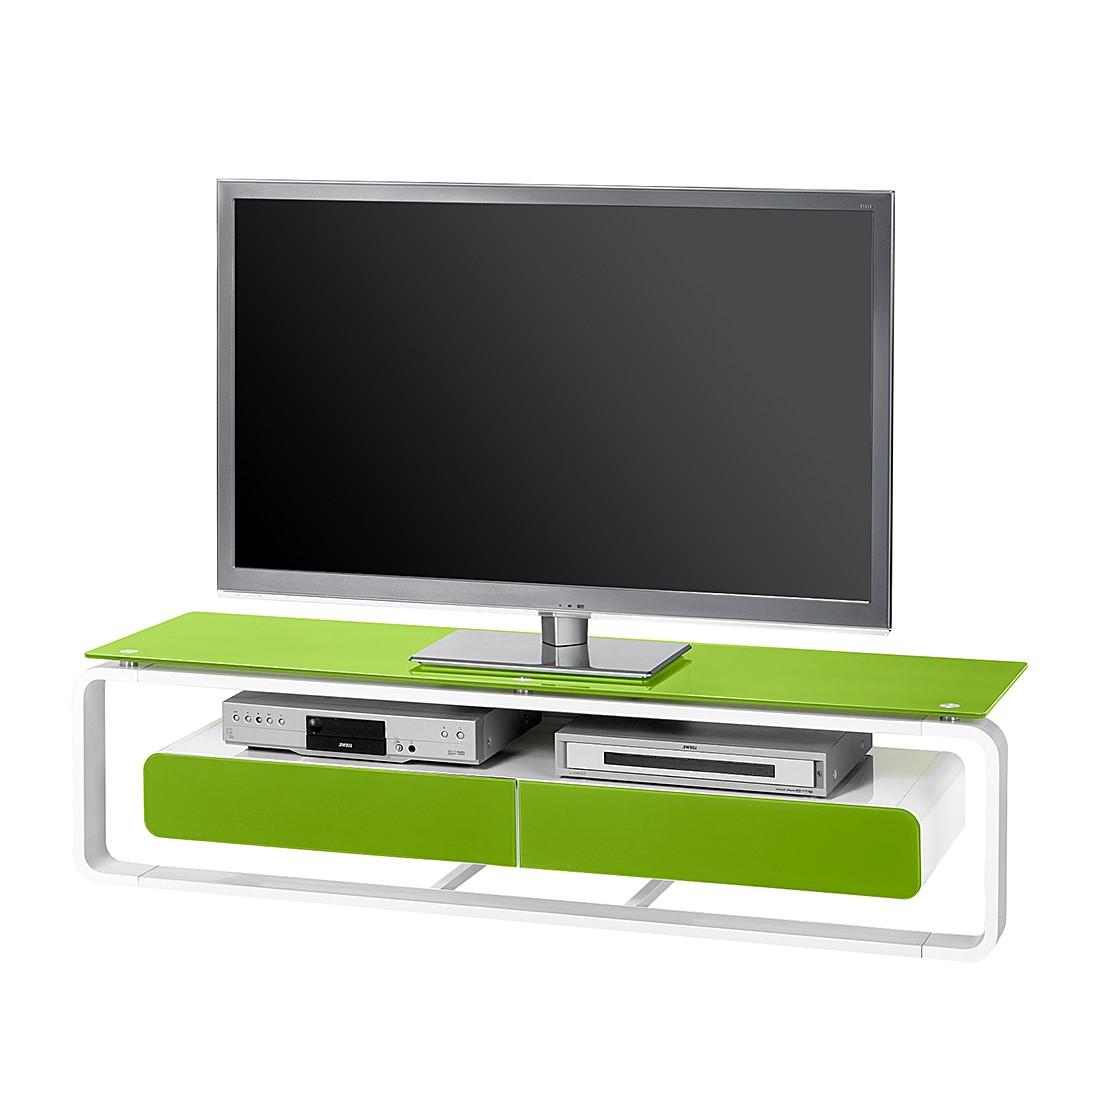 TV-Rack Shanon – Weiß / Glas Grün – 150 cm, loftscape online kaufen